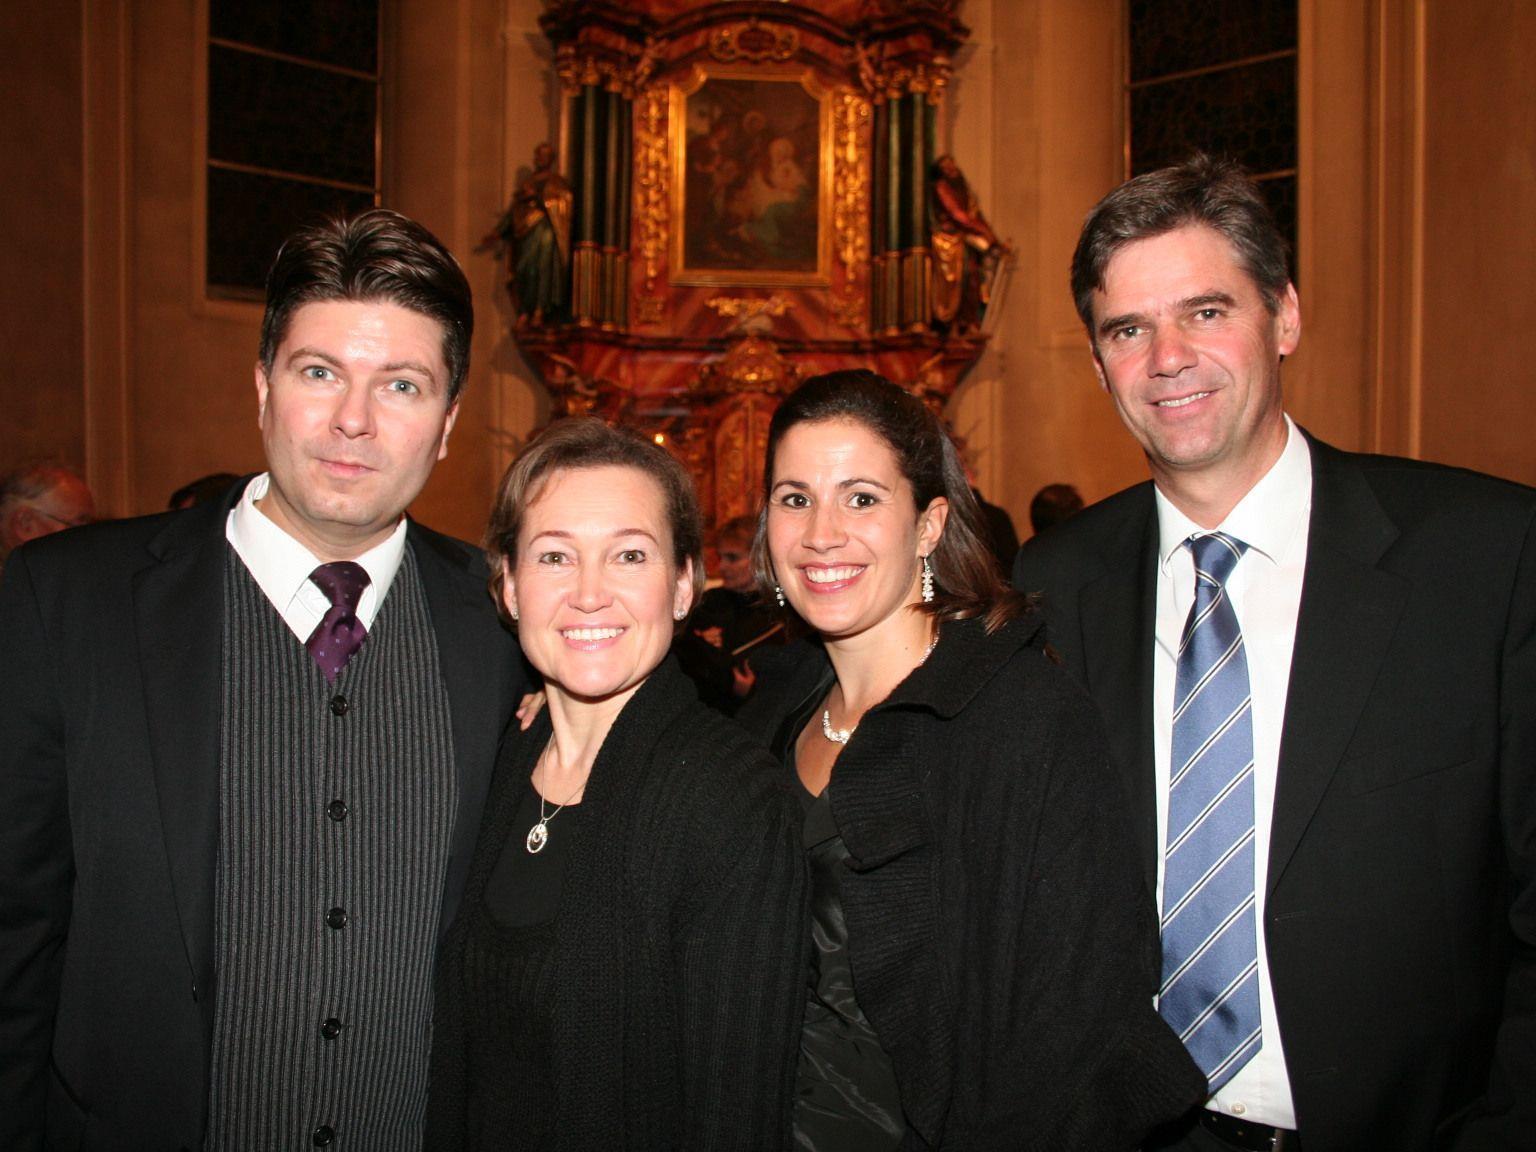 Die Solisten Walter Ess, Birgit Plankel, Martina Gmeinder und Clemens Morgenthal